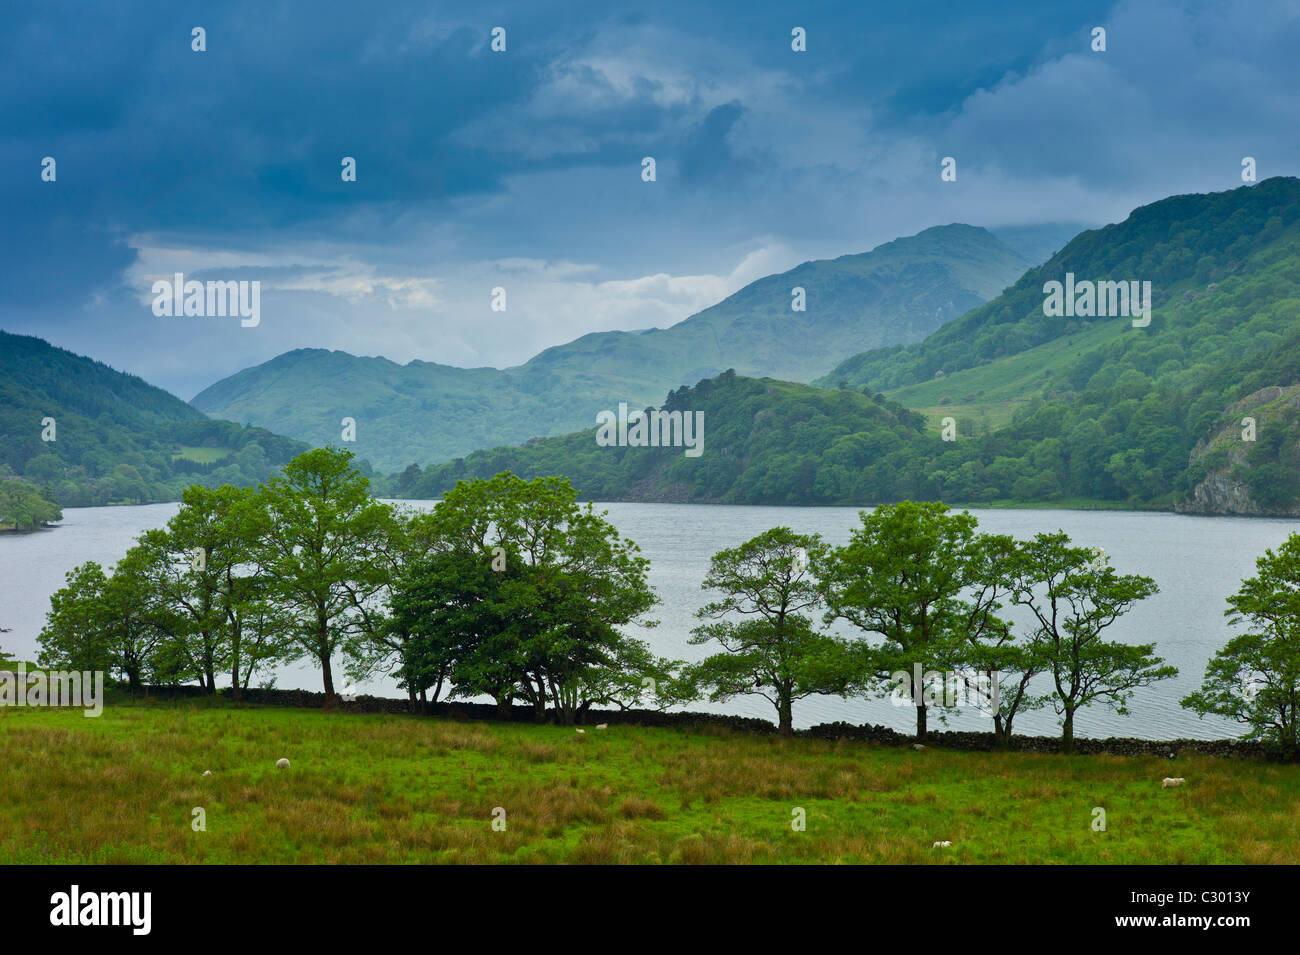 Weißdorn-Bäume im walisischen Landschaft im Snowdonia National Park am See Llyn Gwynant, Gwynedd, Wales Stockbild